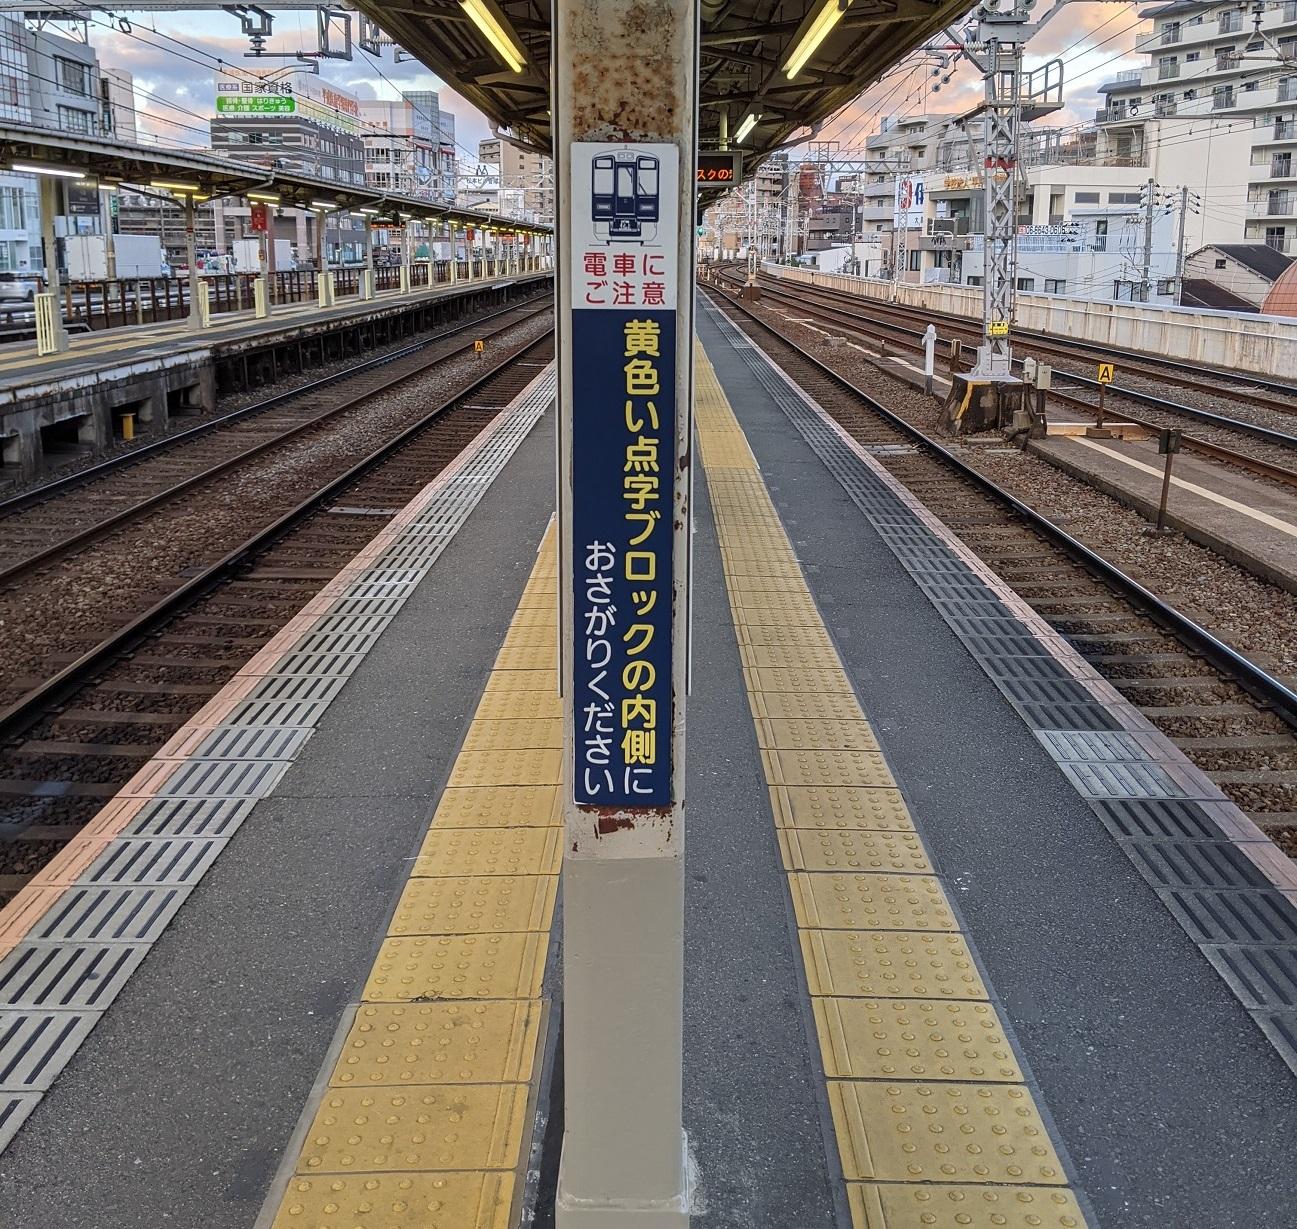 【大阪】「黄色い線の内側」が狭すぎる阪急『中津駅』が想像以上に危険だった